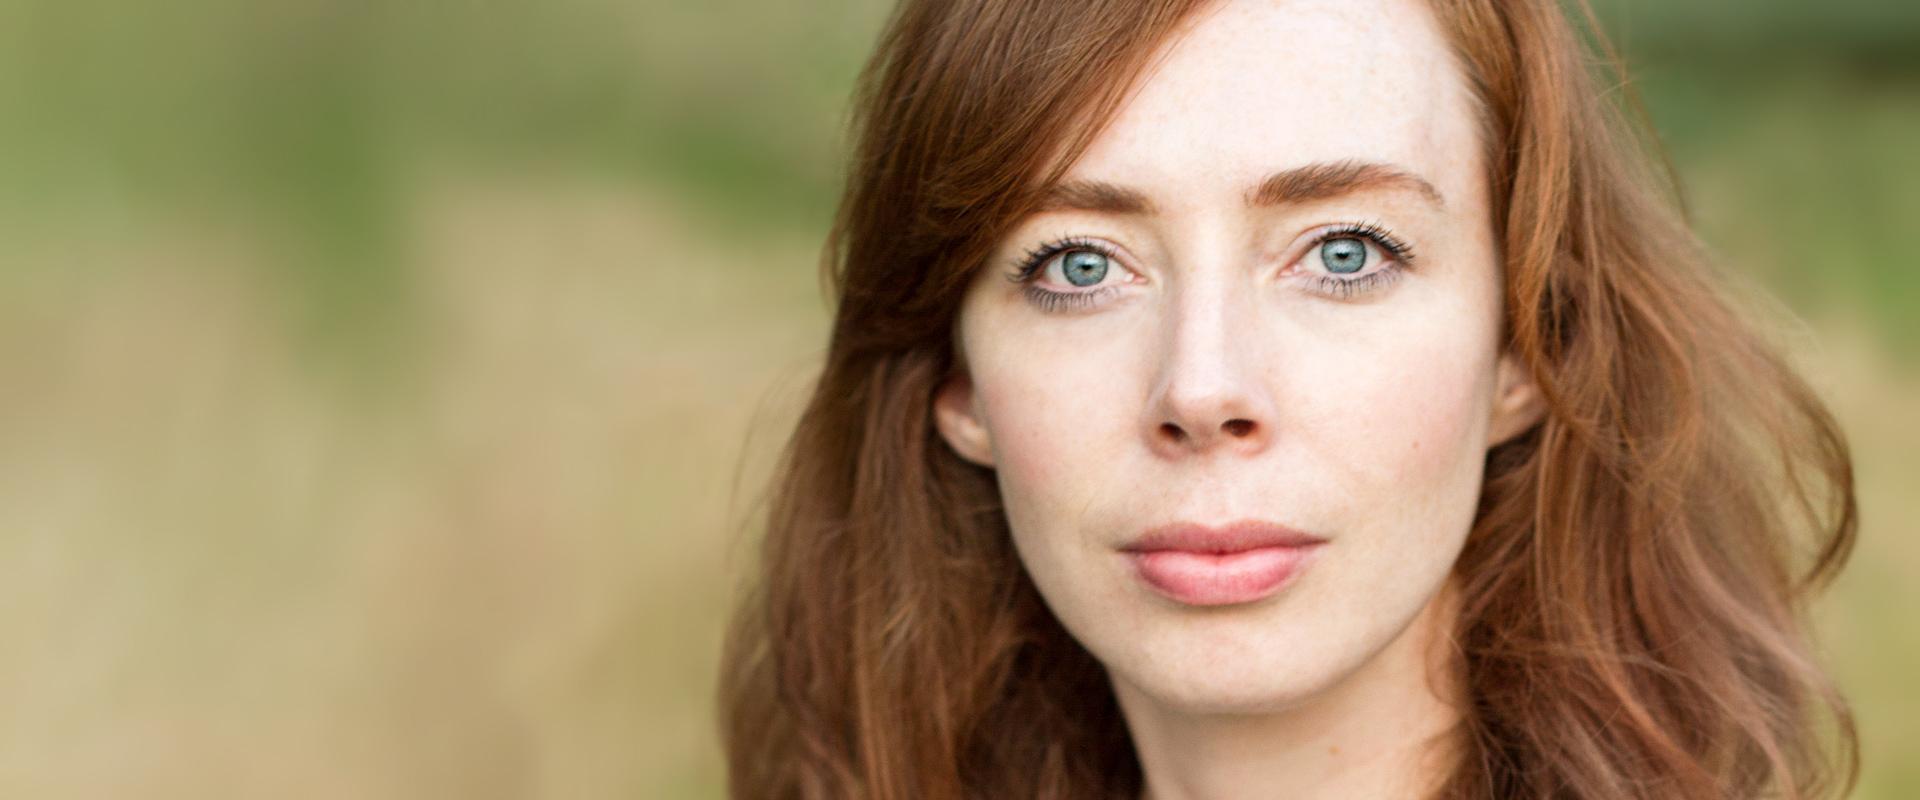 Actors' Headshot